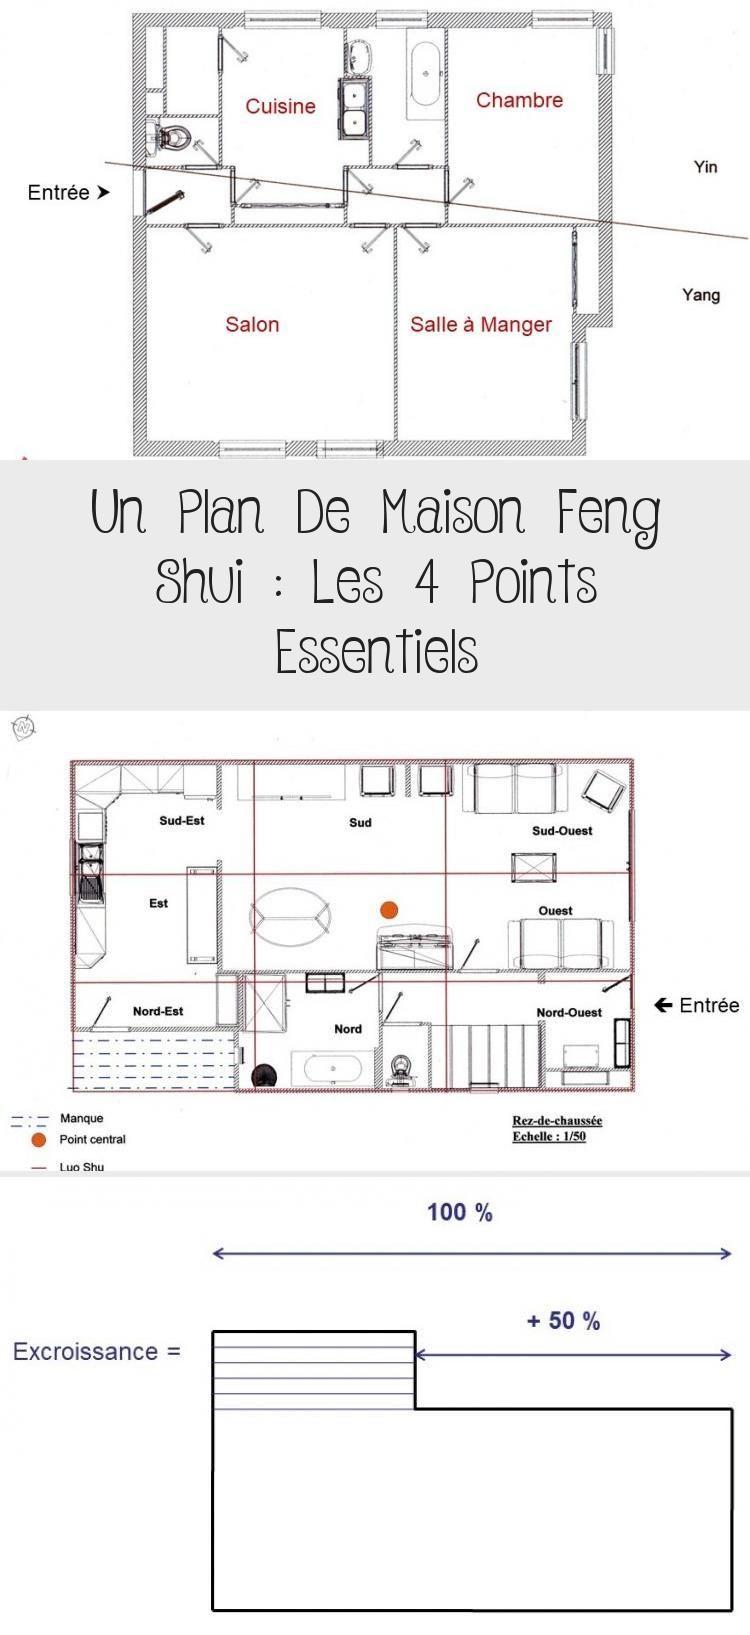 Un Plan De Maison Feng Shui Les 4 Points Essentiels Feng Shui